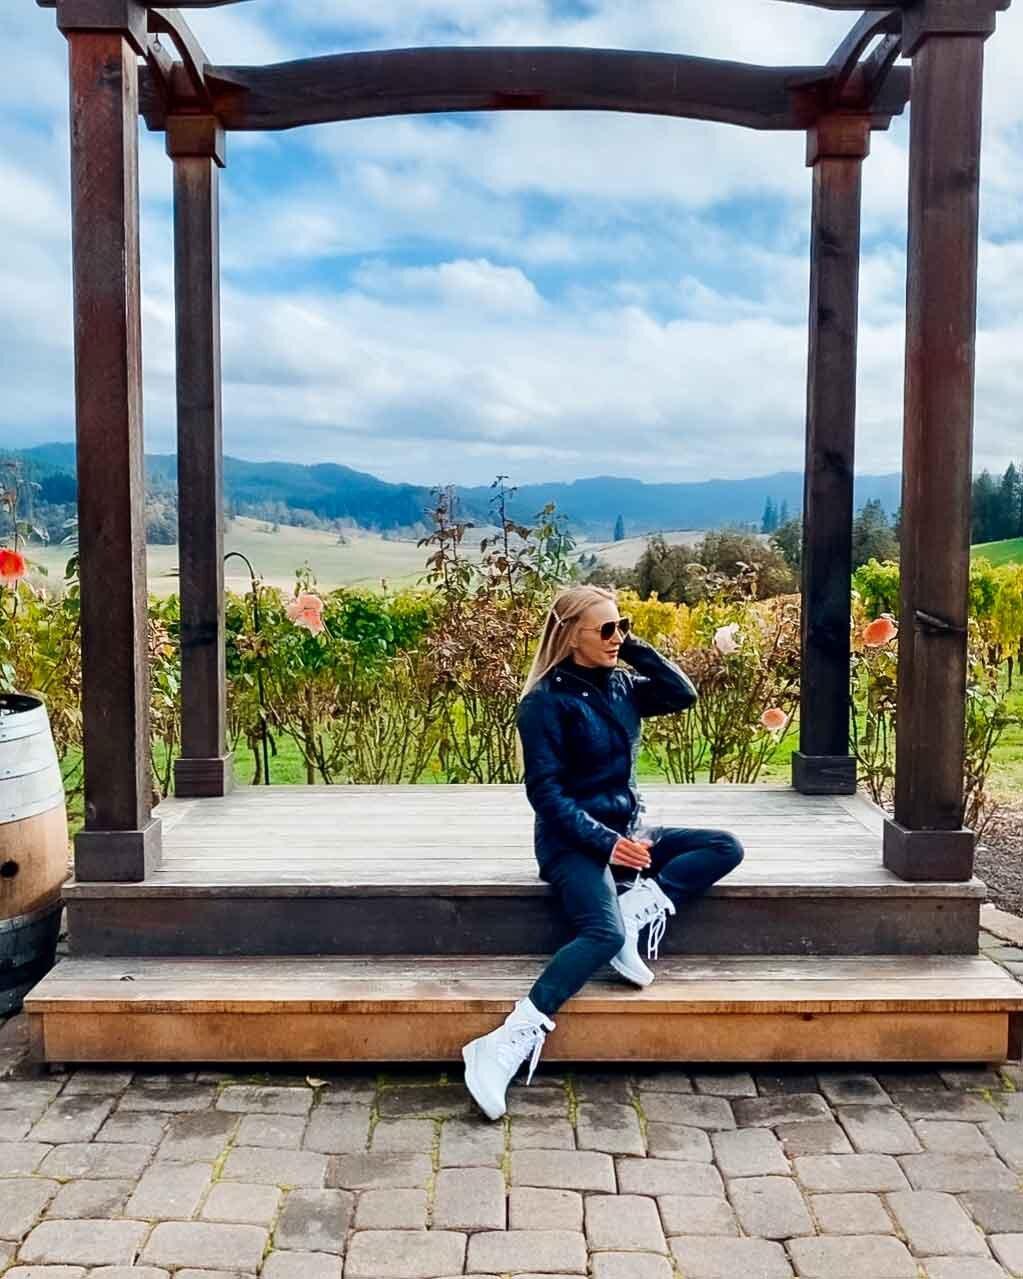 Fitness blogger Eve Dawes sat vineyards Oregon business travel